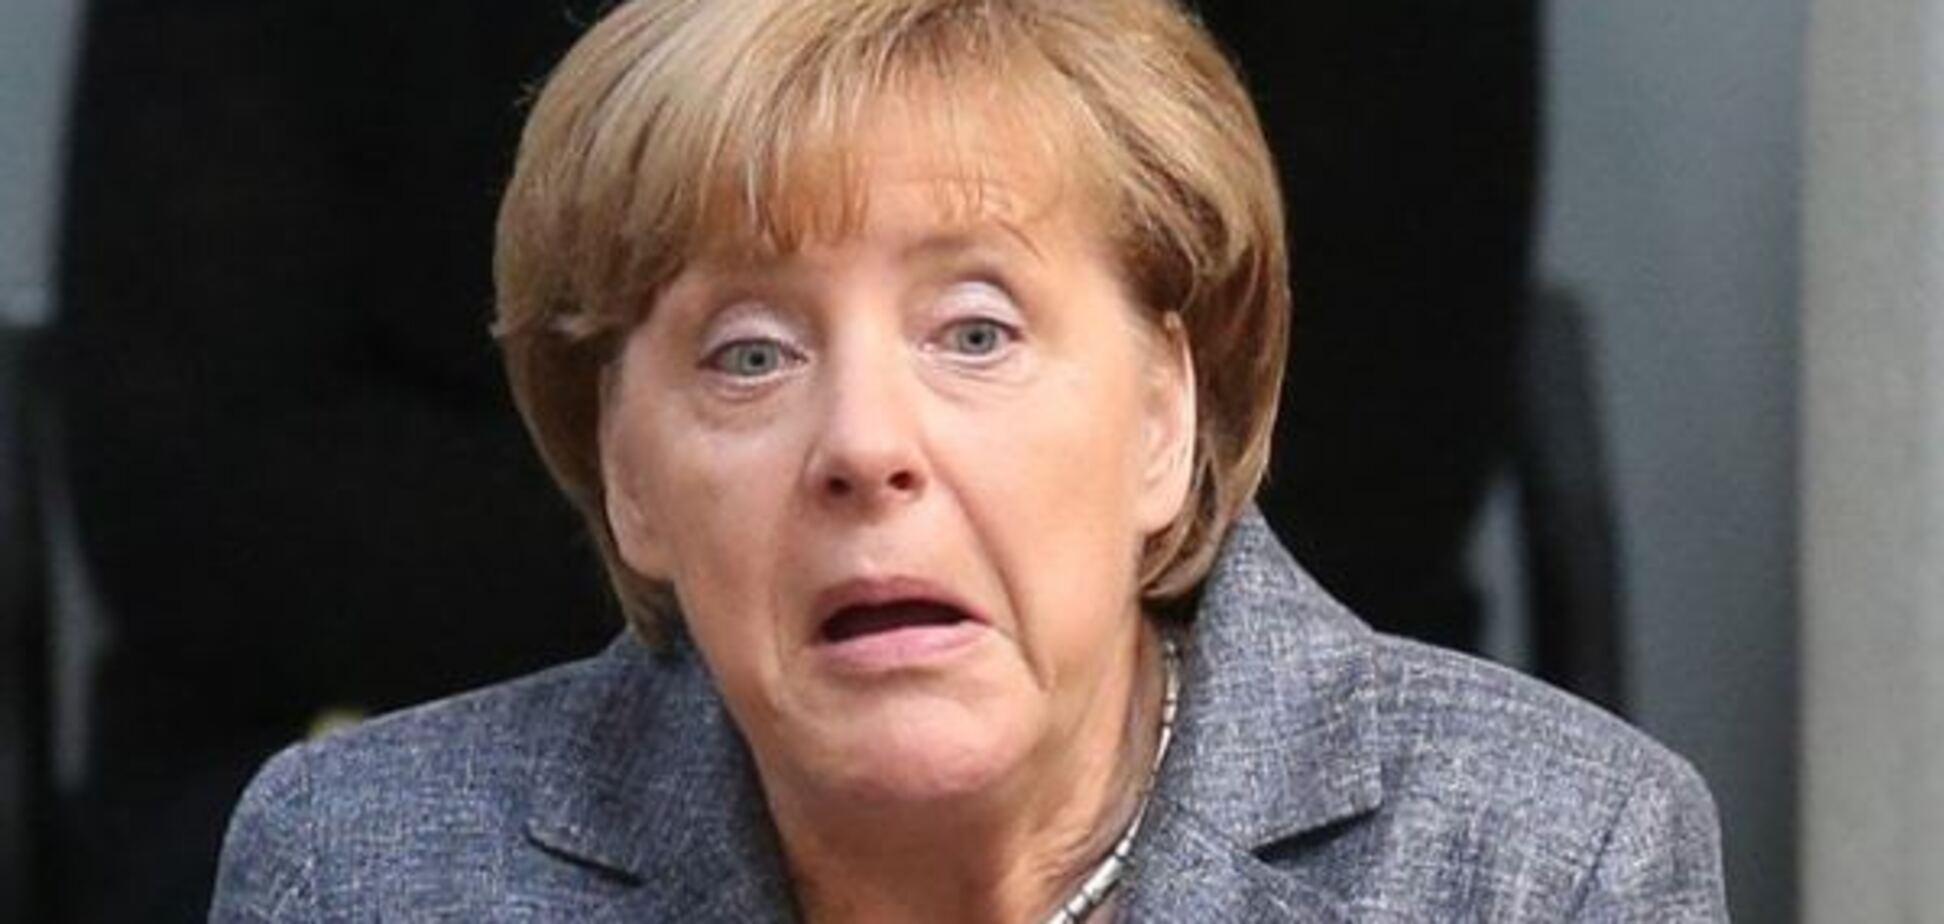 Достали! У Меркель вытянулось лицо при упоминании о деньгах для Греции: фотофакт